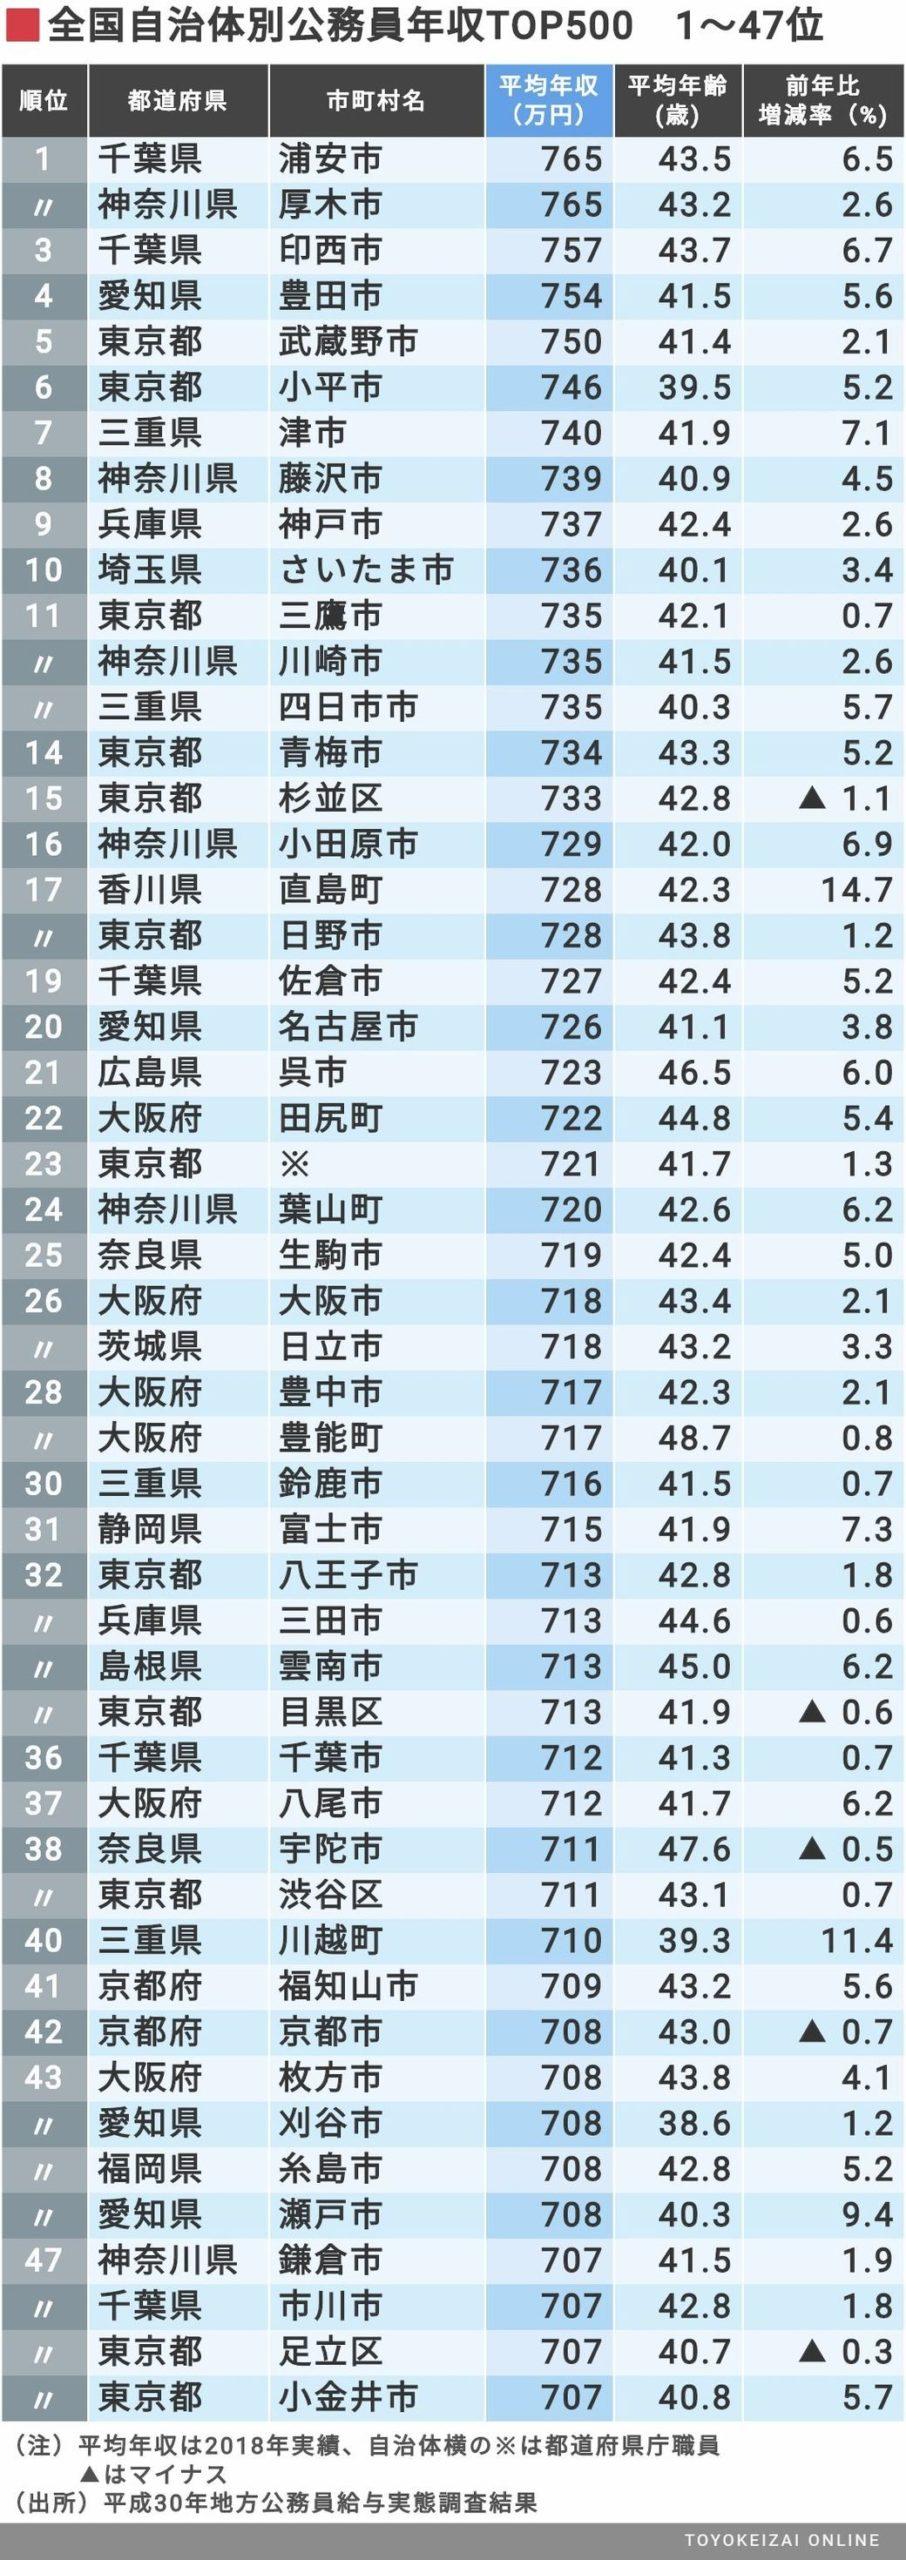 【悲報】日本の地方公務員様の平均年収、なんと600万円を超えてしまうw(民間平均は442万円)